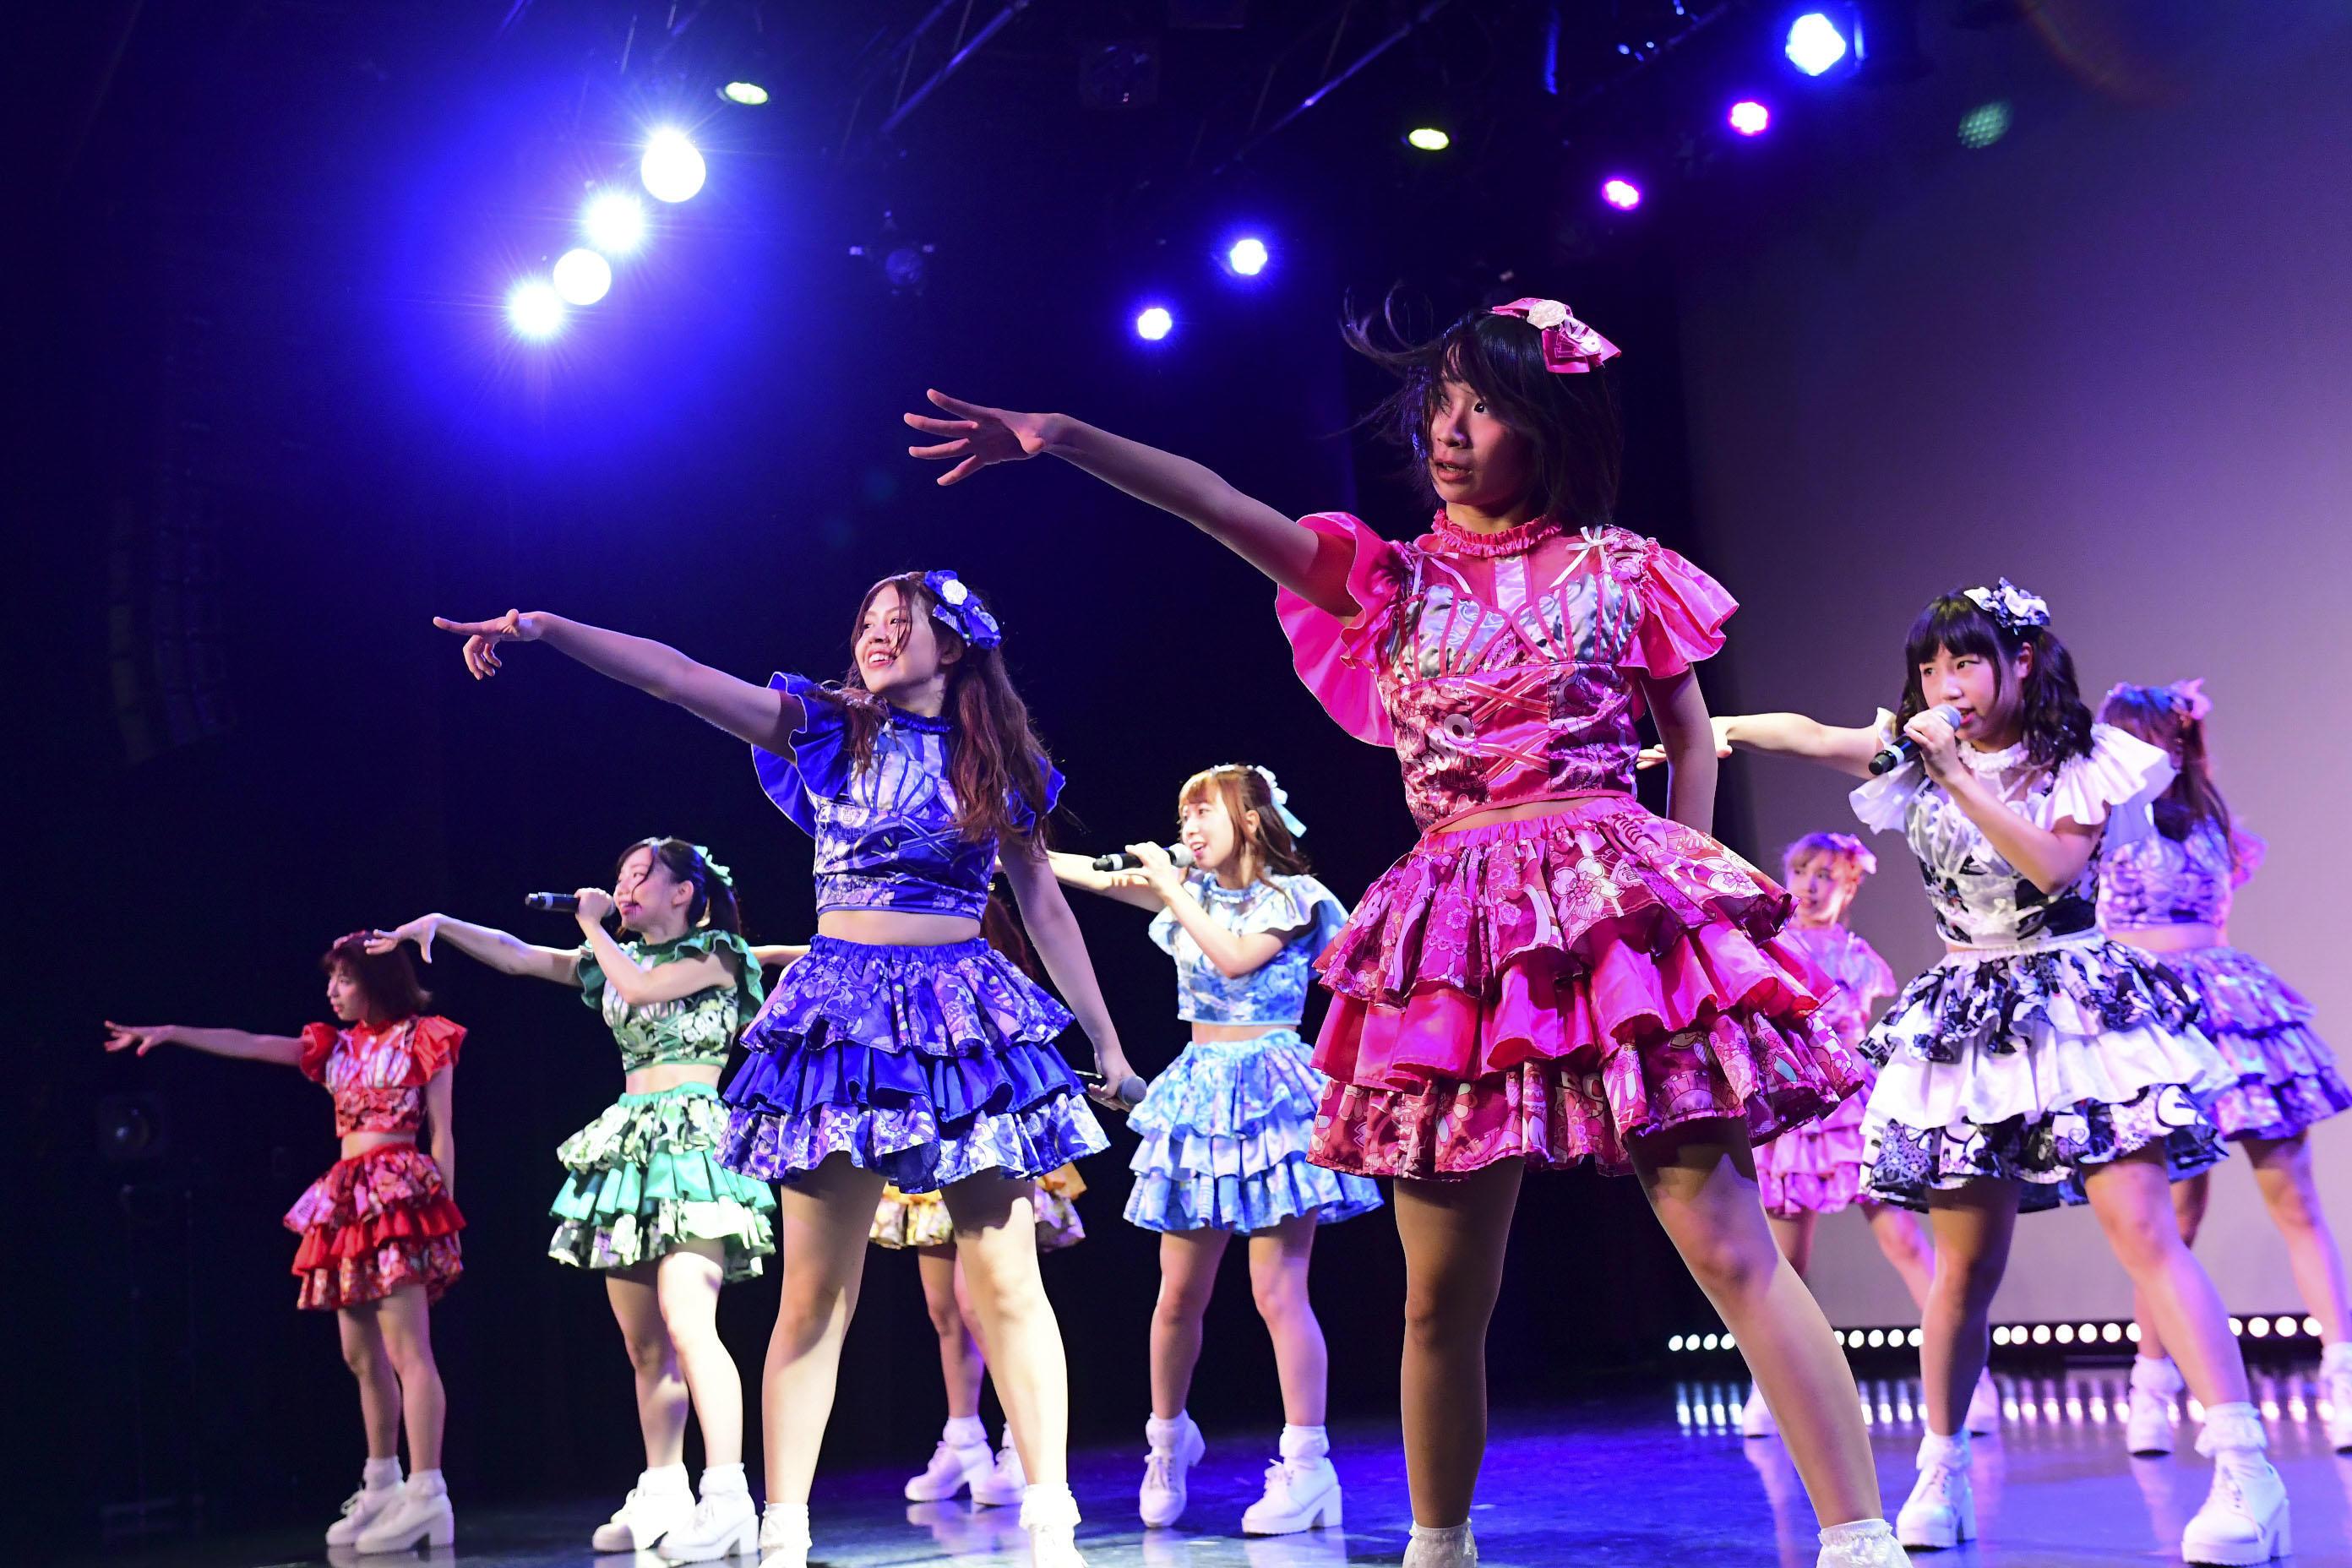 http://news.yoshimoto.co.jp/20170911120750-3c4e7a9757768cc737fa5286a002c6b7ce979edd.jpg